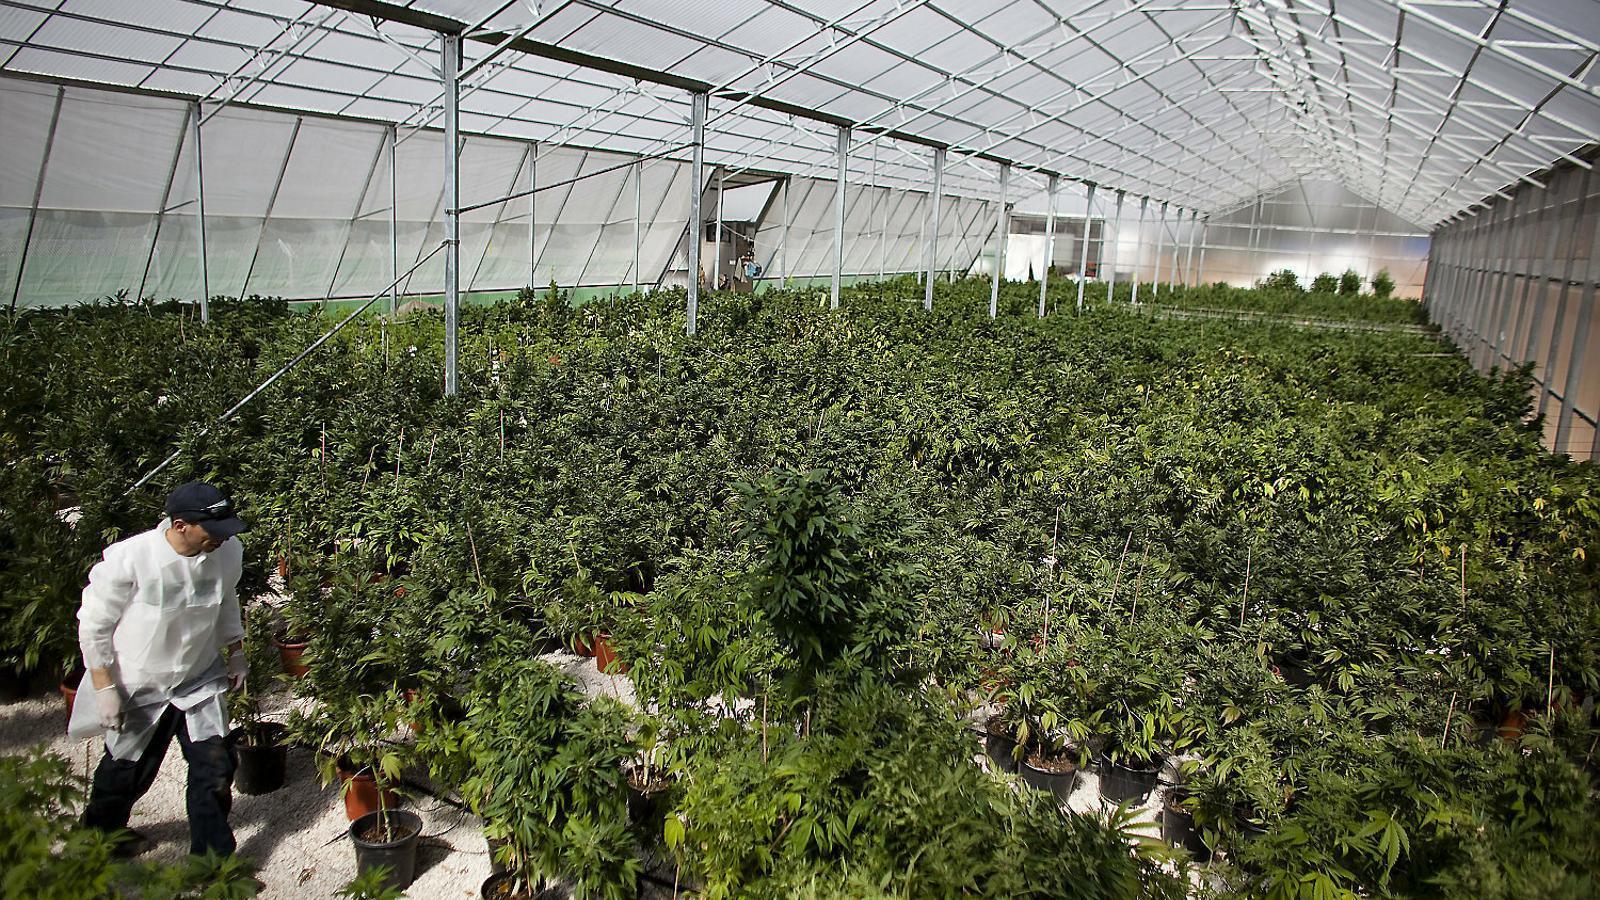 Una plantació de cànnabis per a usos terapèutics en un hivernacle a Safed, al nord d'Israel. / URIEL SINAI / GETTY